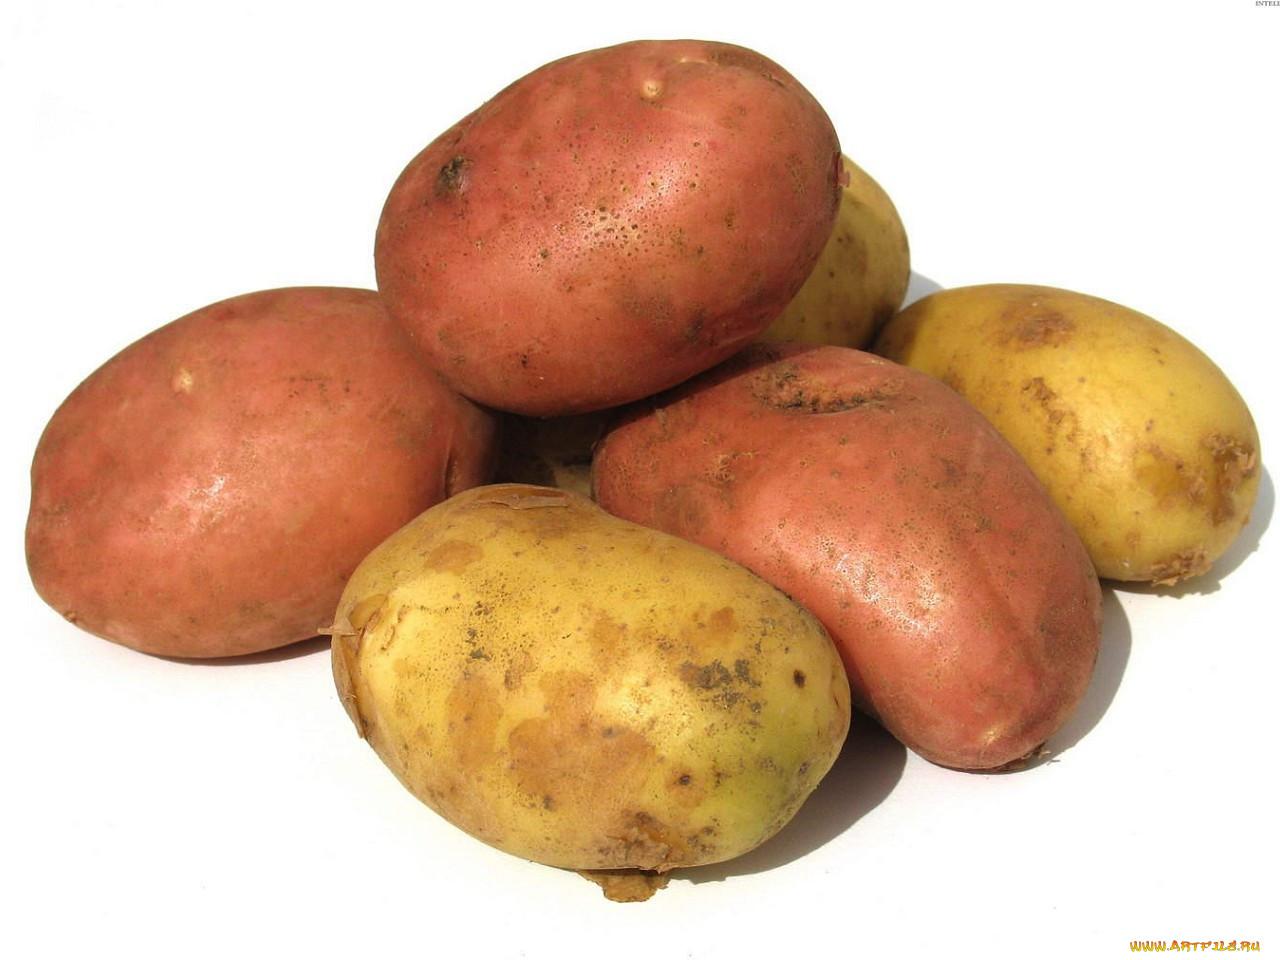 овощи картошка картинки что самое